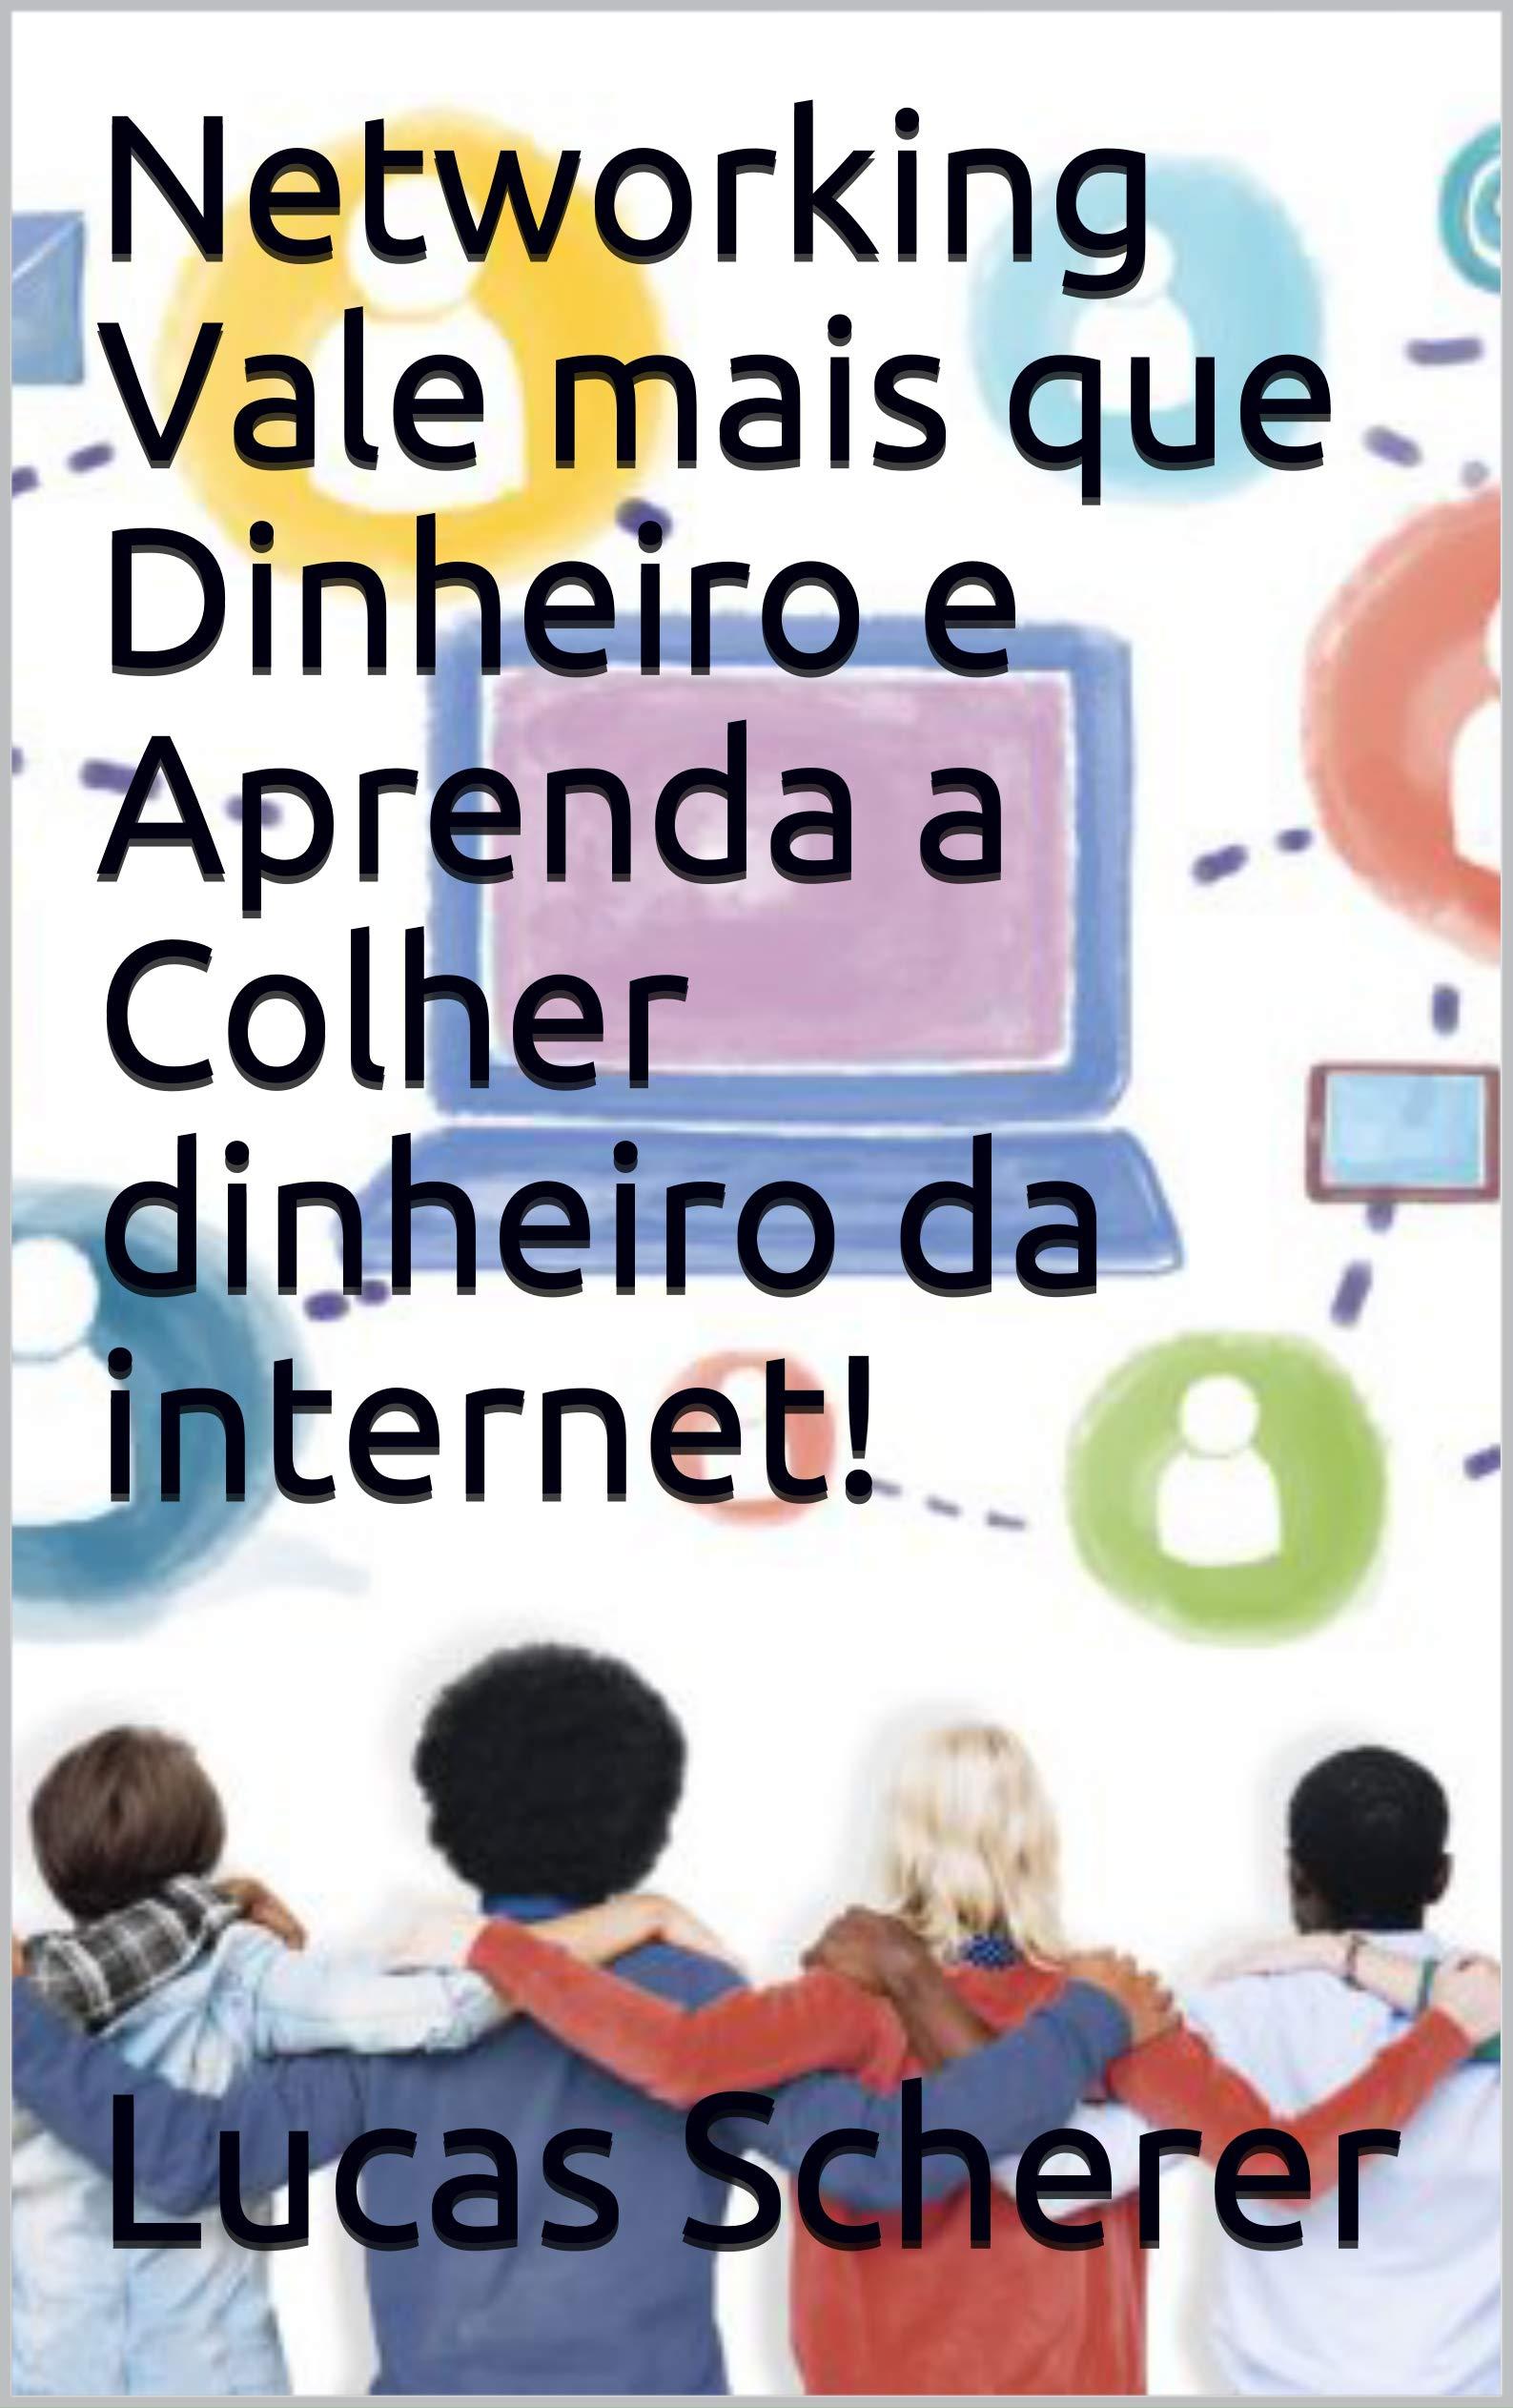 Networking Vale mais que Dinheiro e Aprenda a Colher dinheiro da internet! (Portuguese Edition)